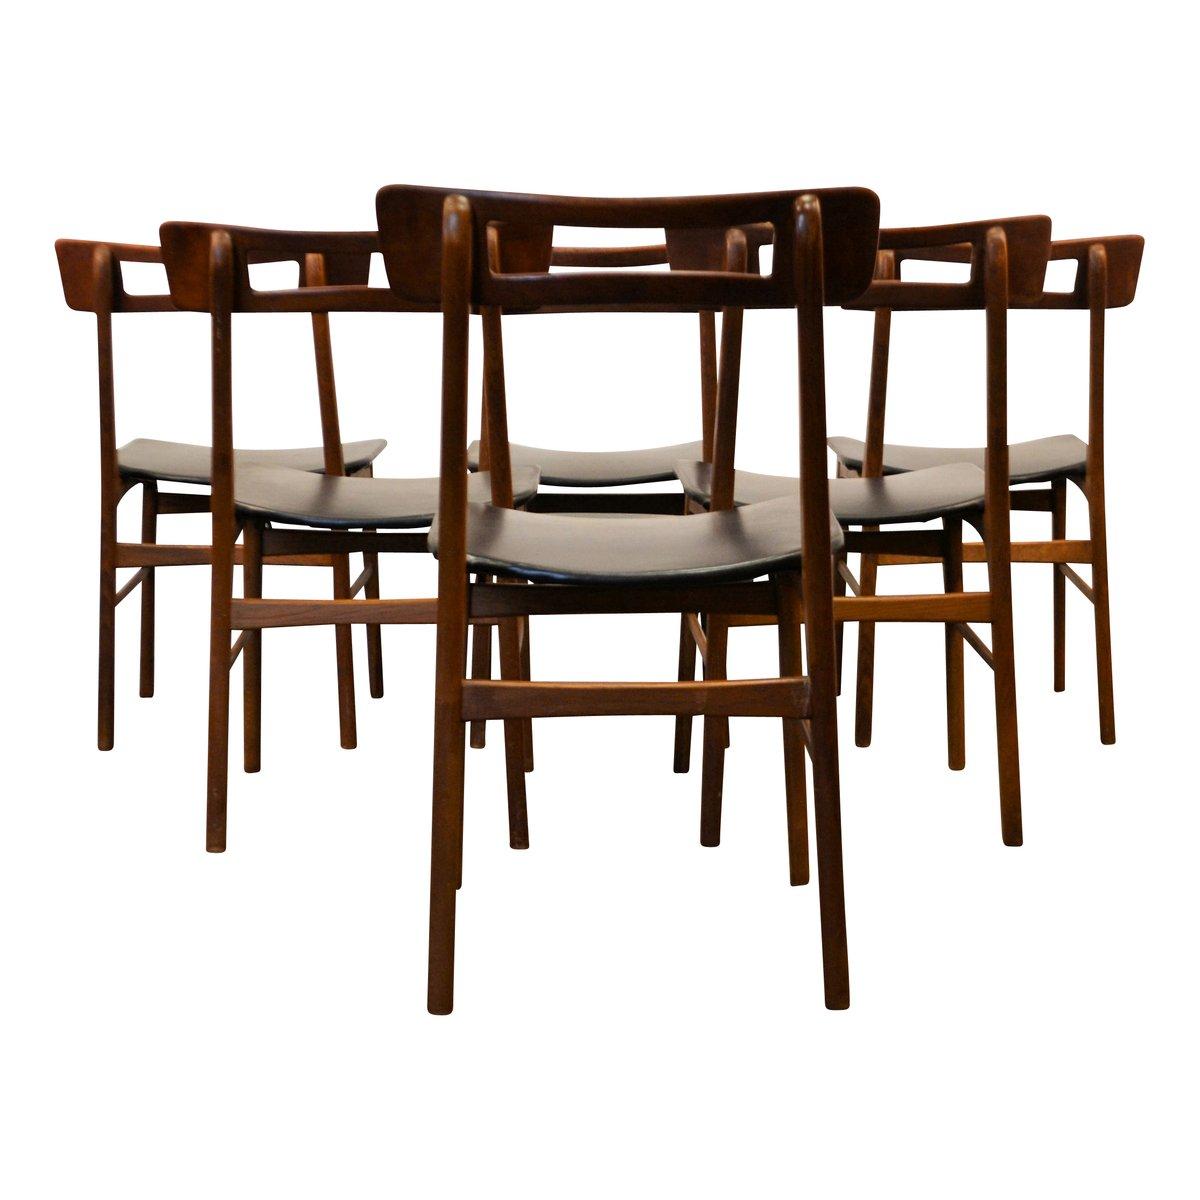 d nische teak esszimmerst hle 1950er 6er set bei pamono. Black Bedroom Furniture Sets. Home Design Ideas